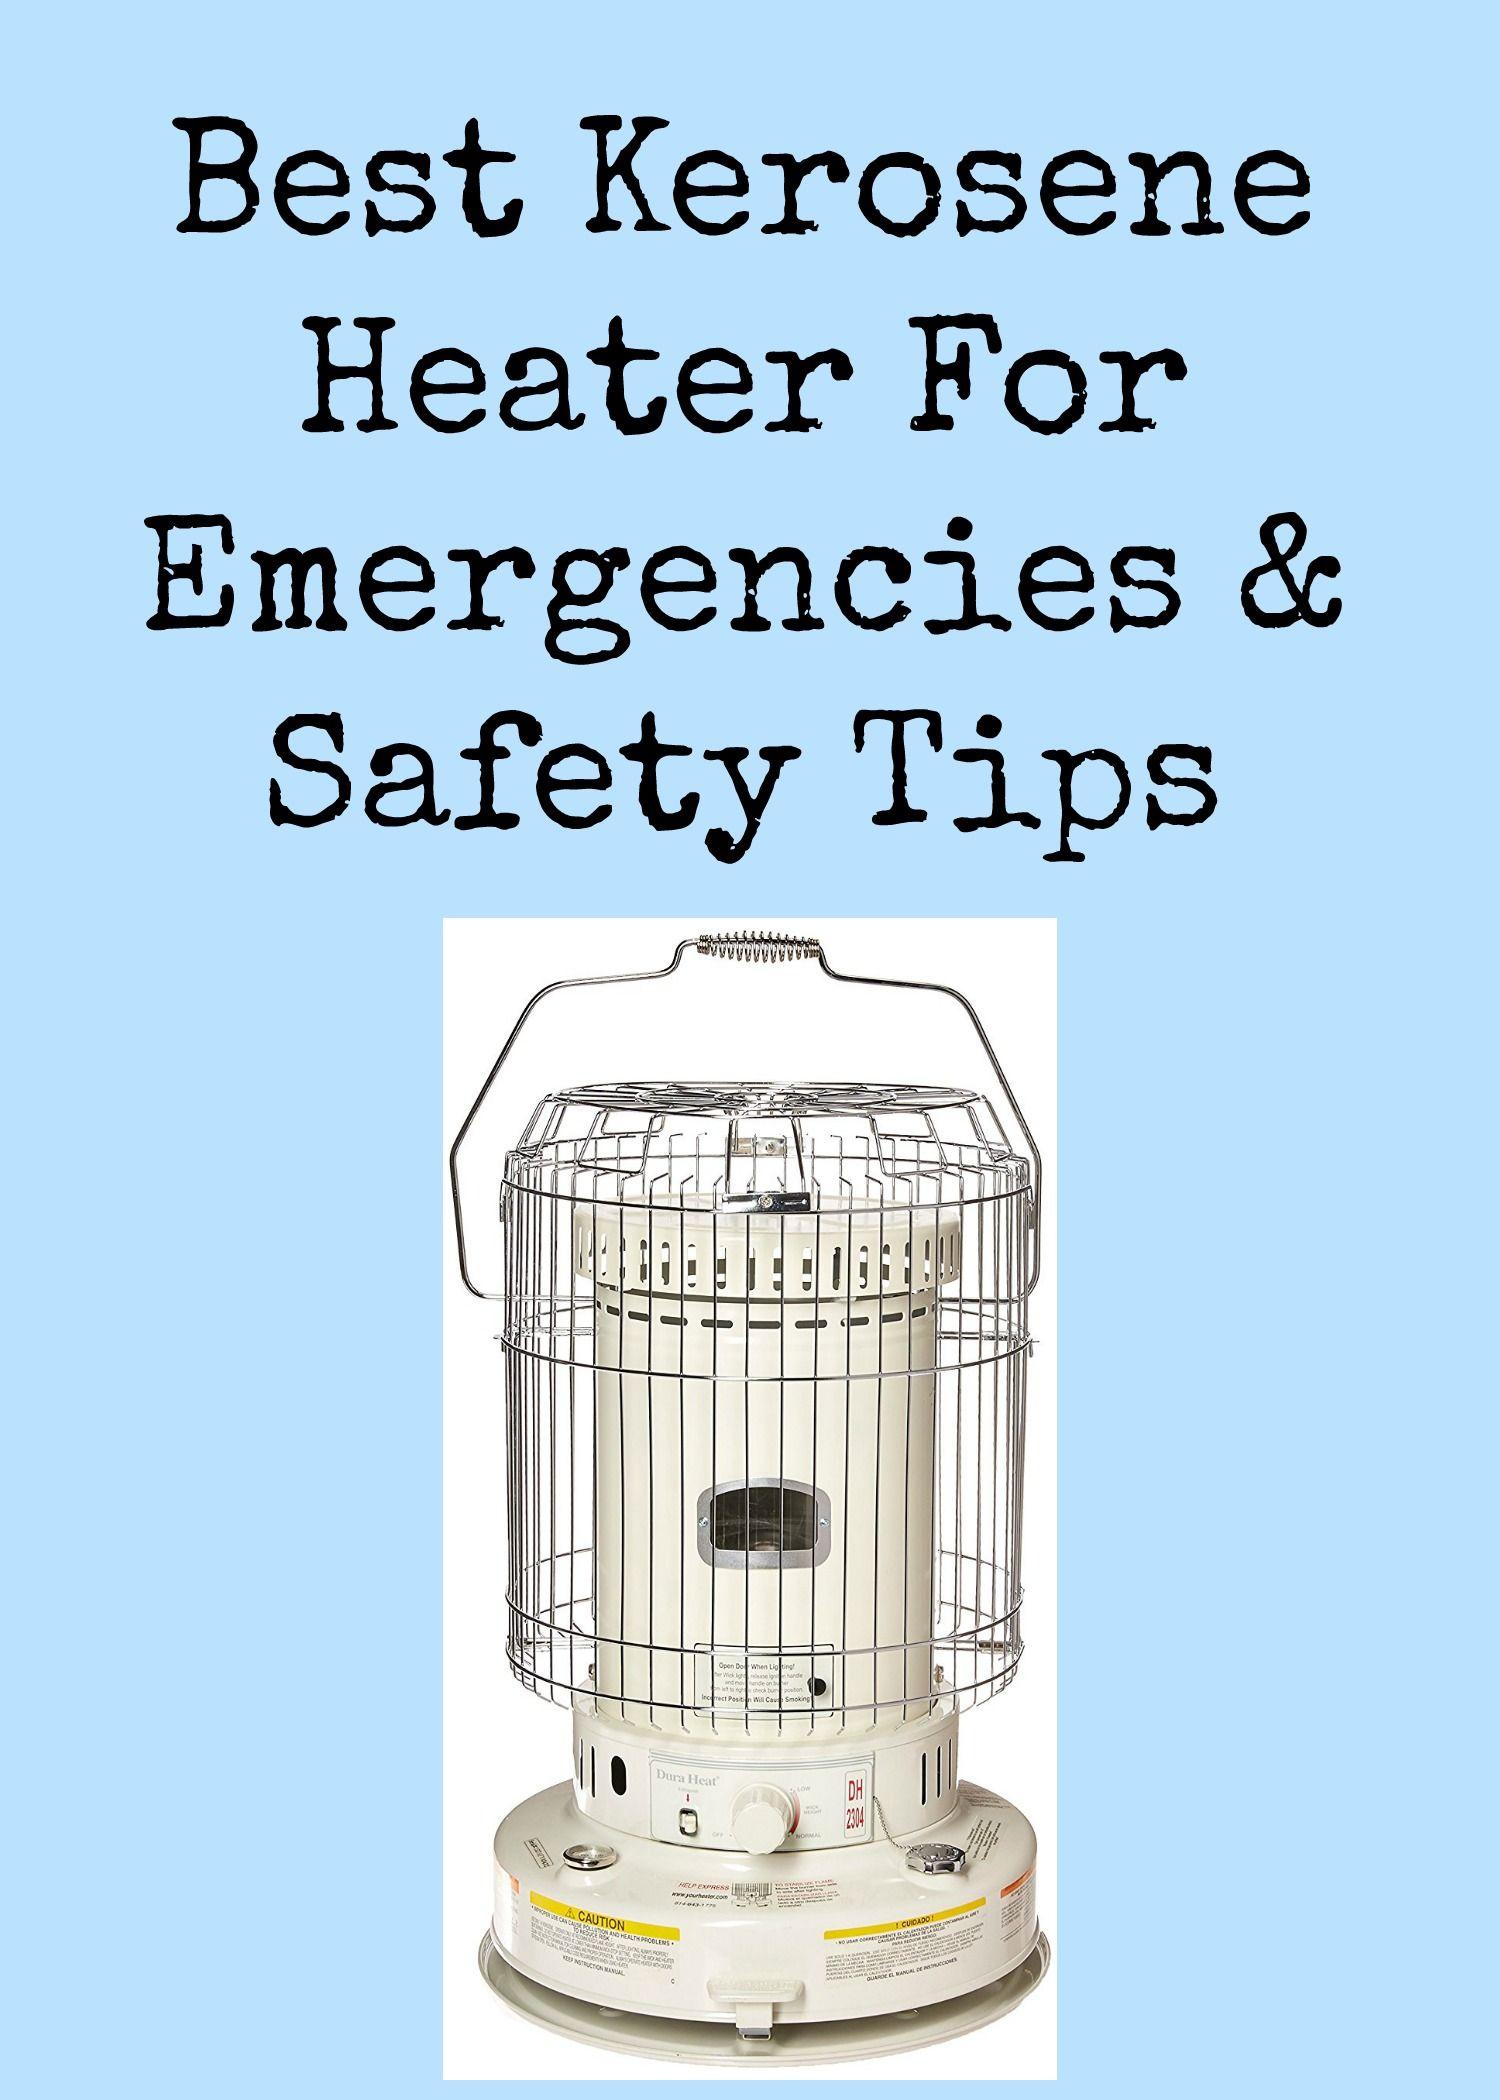 Best Kerosene Heater For Emergencies & Safety Tips